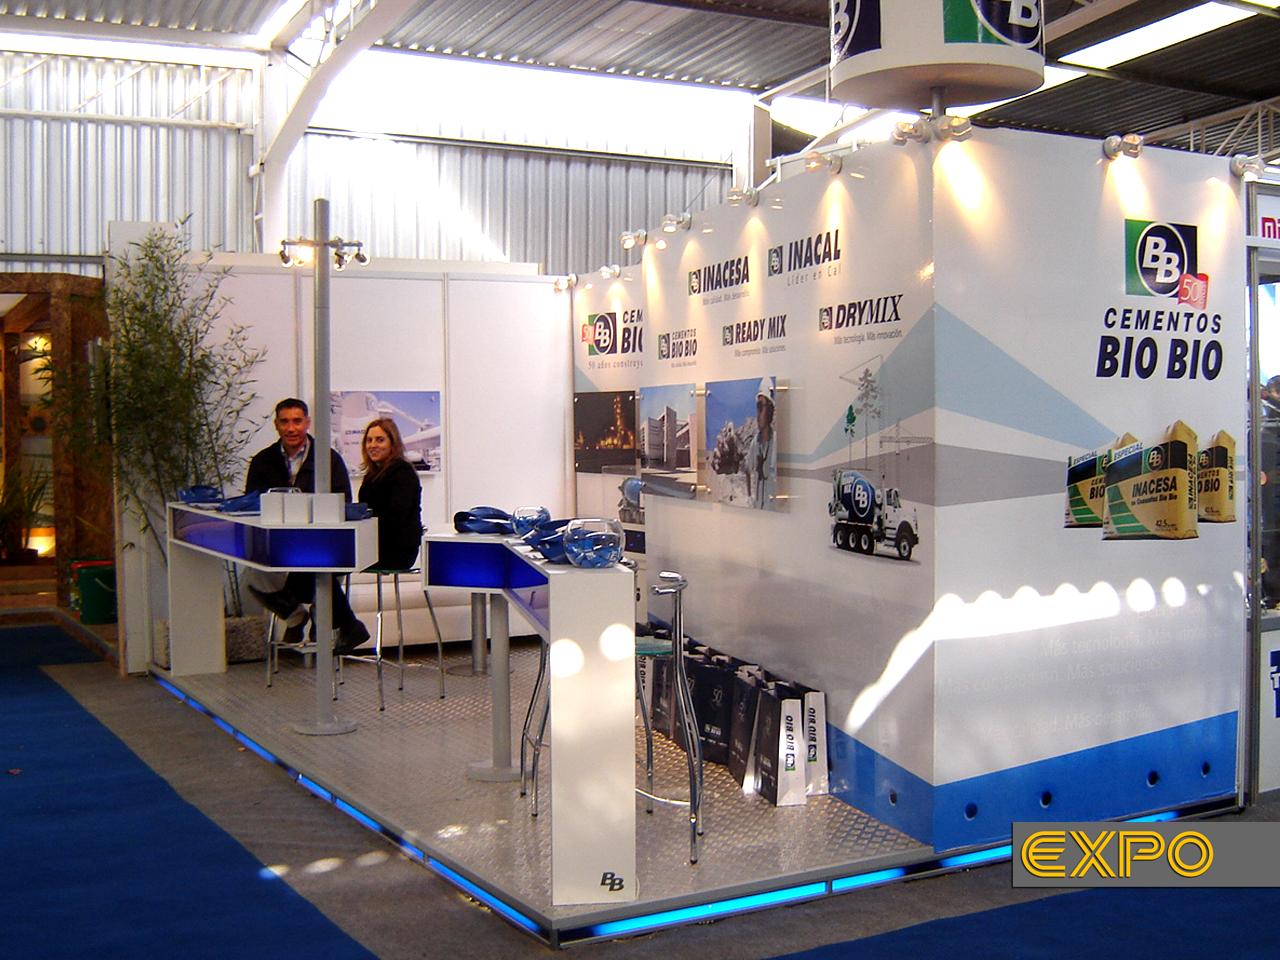 Cementos Bio Bio - Exponor 2007